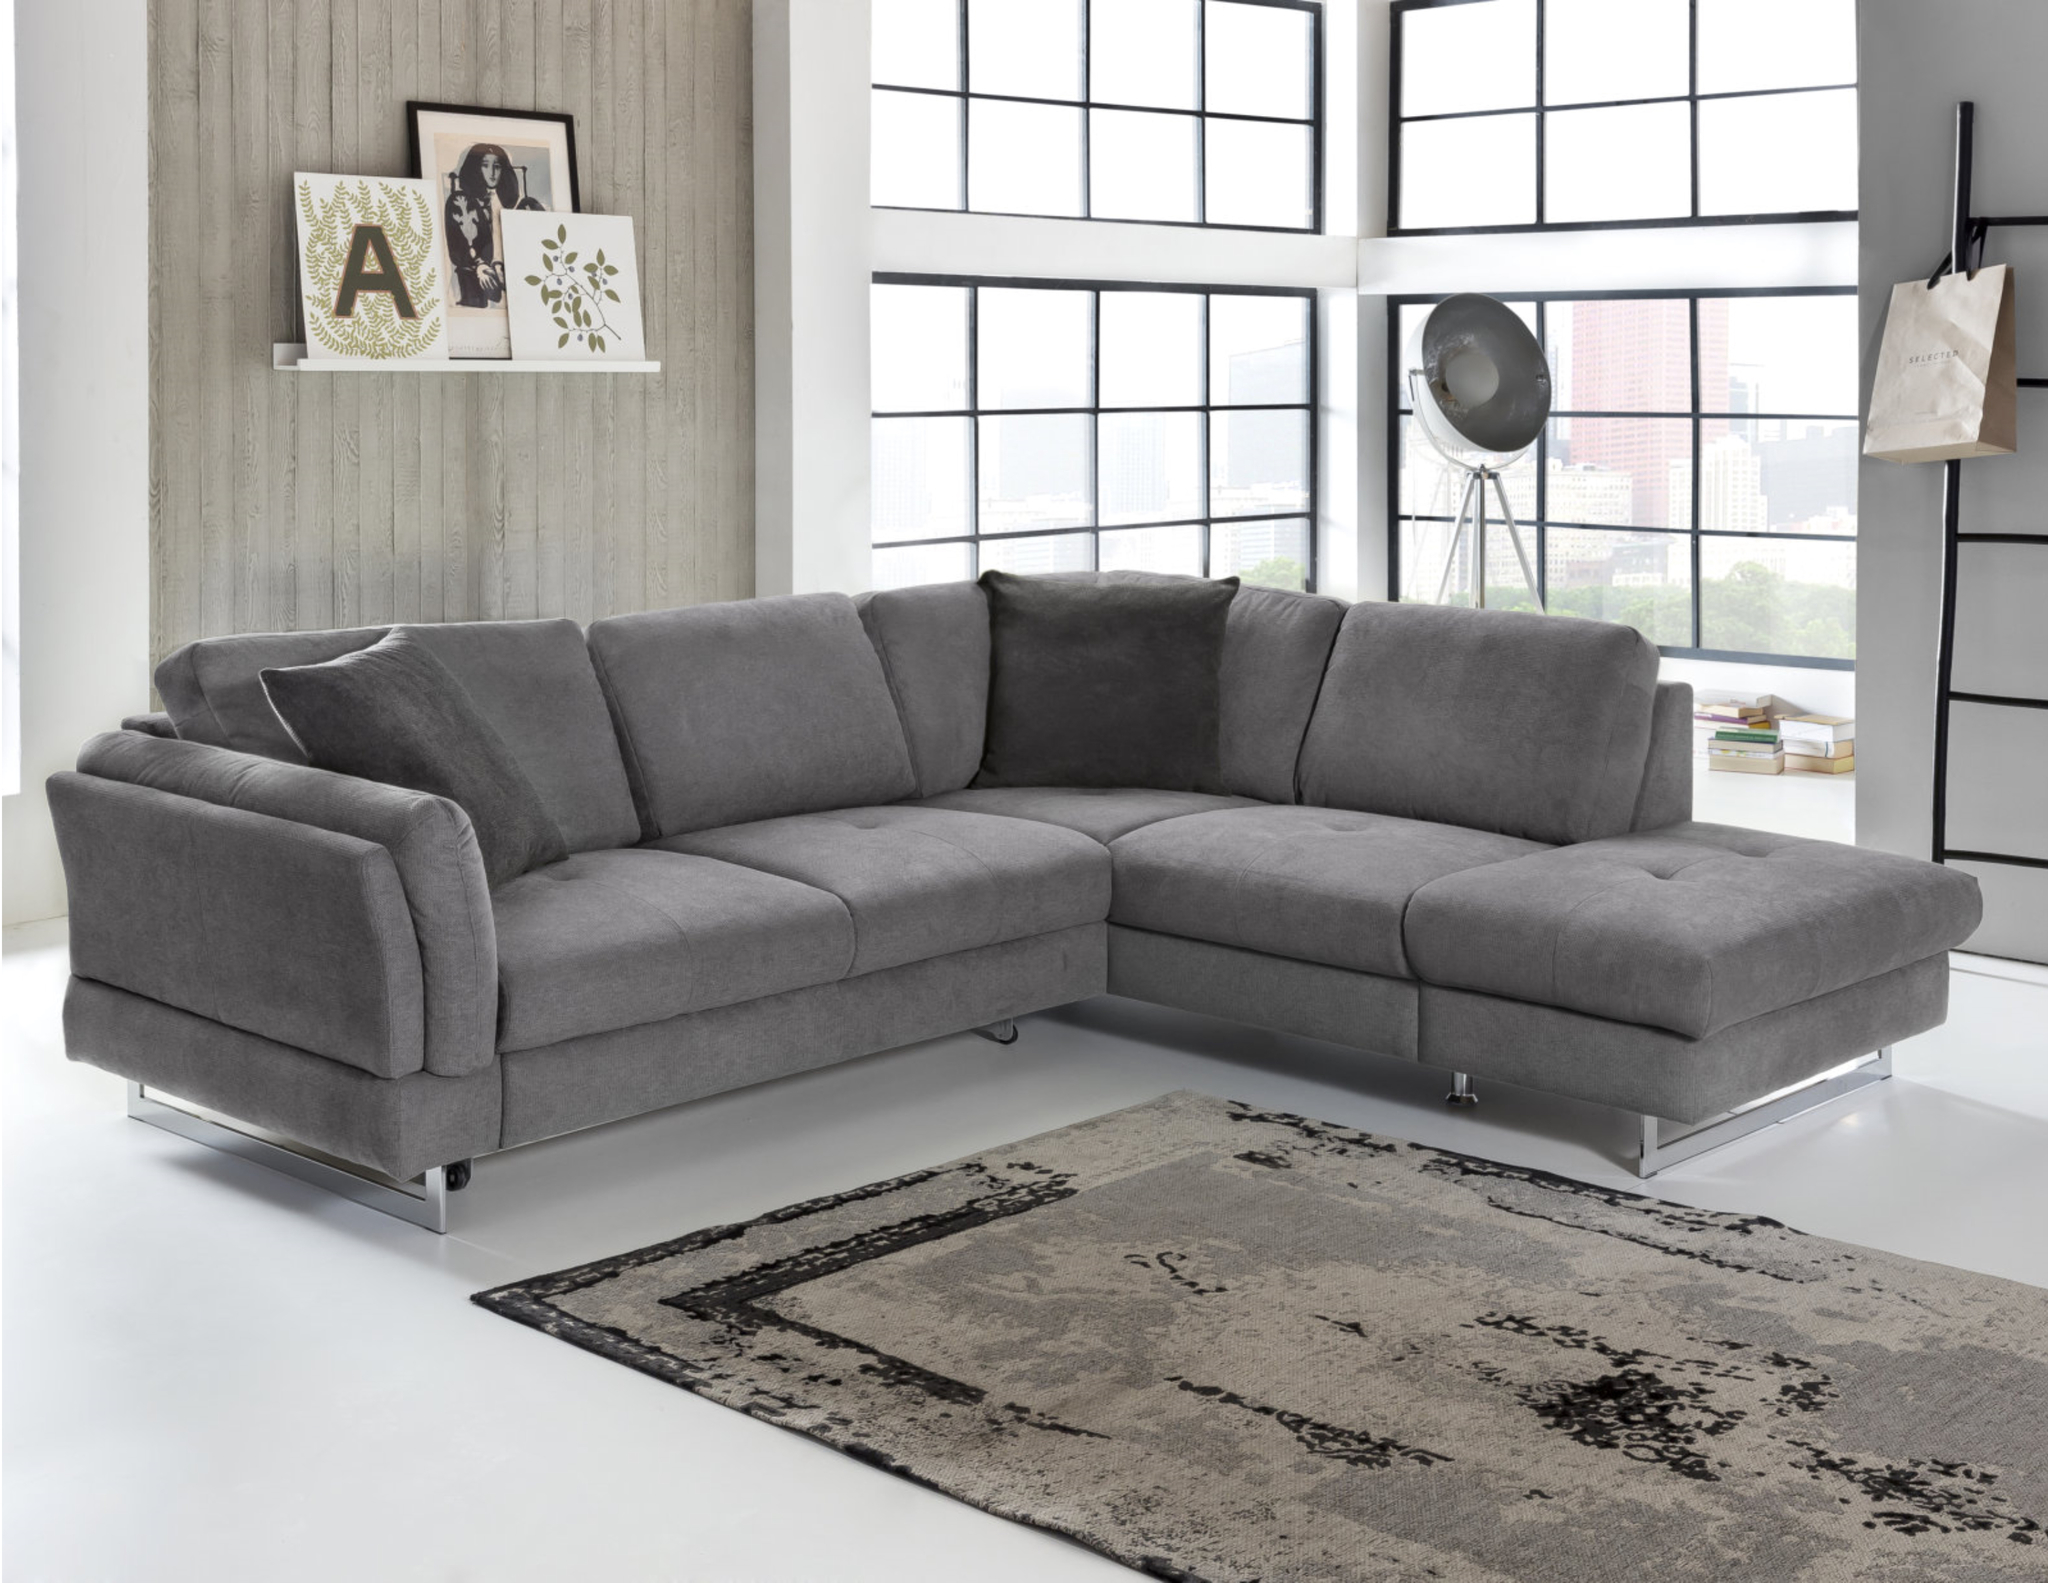 couch gnstig kaufen sofa gnstig kaufen frisch designer mbel genial with couch gnstig kaufen. Black Bedroom Furniture Sets. Home Design Ideas